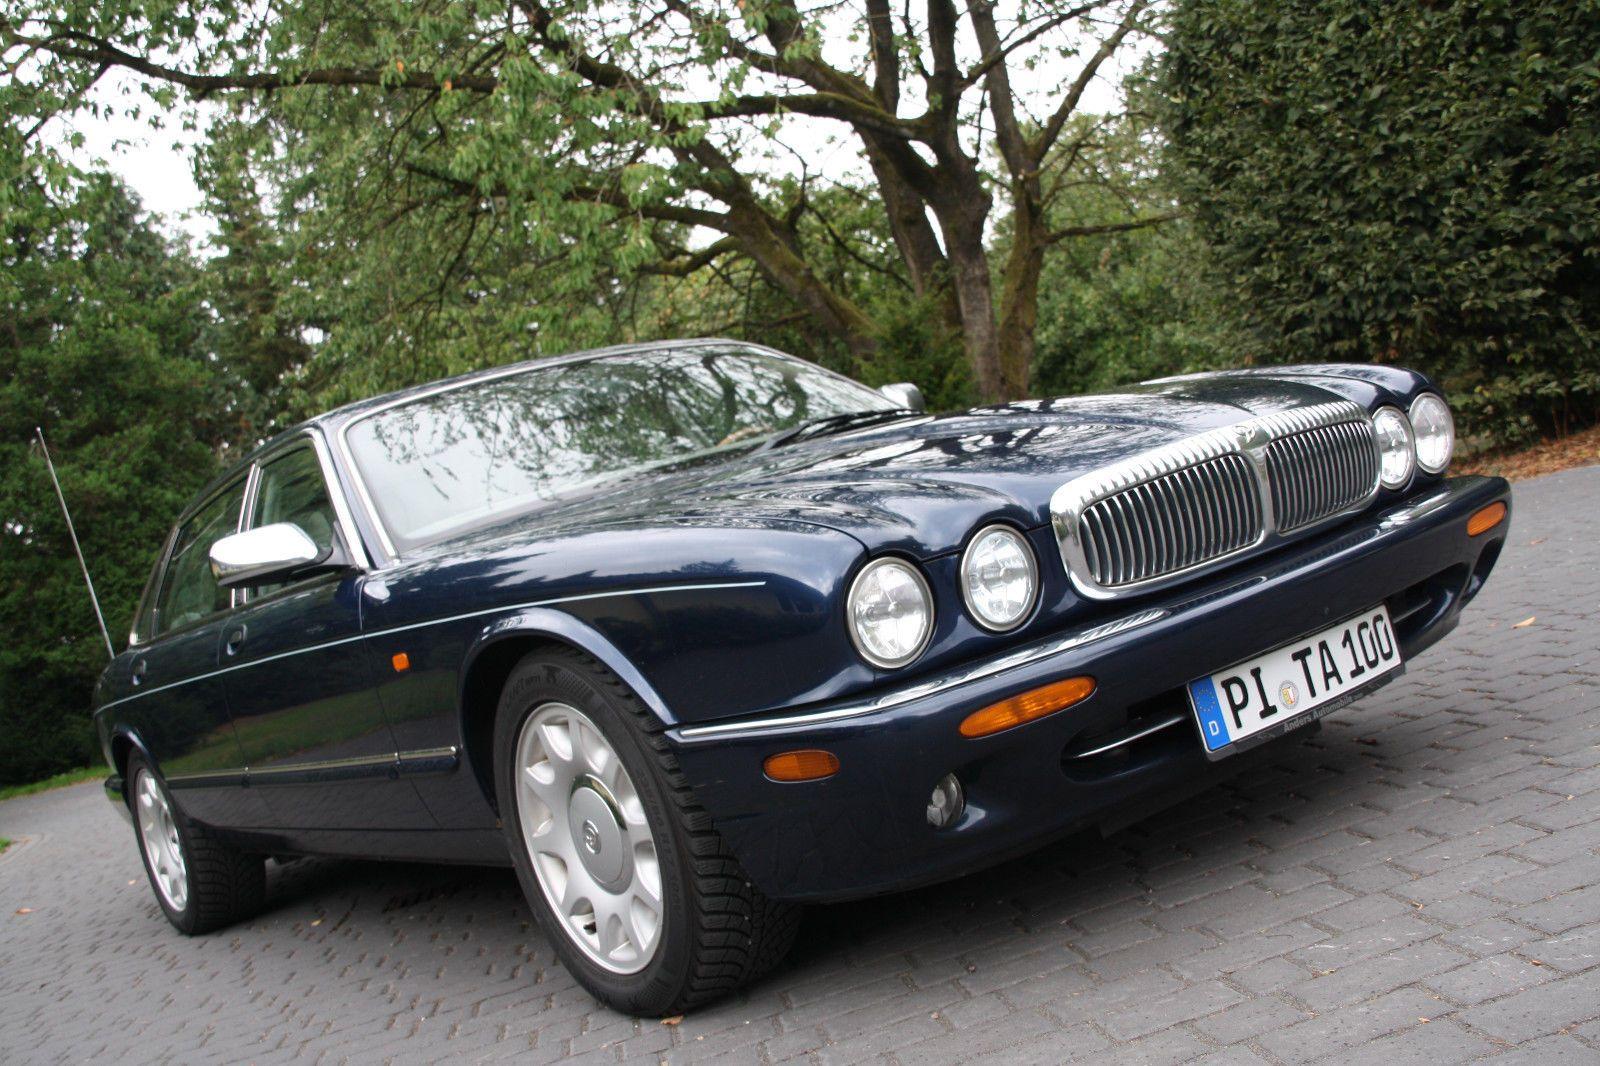 Jaguar Daimler V8 Super Langversion 5 800 Jaguar Daimler